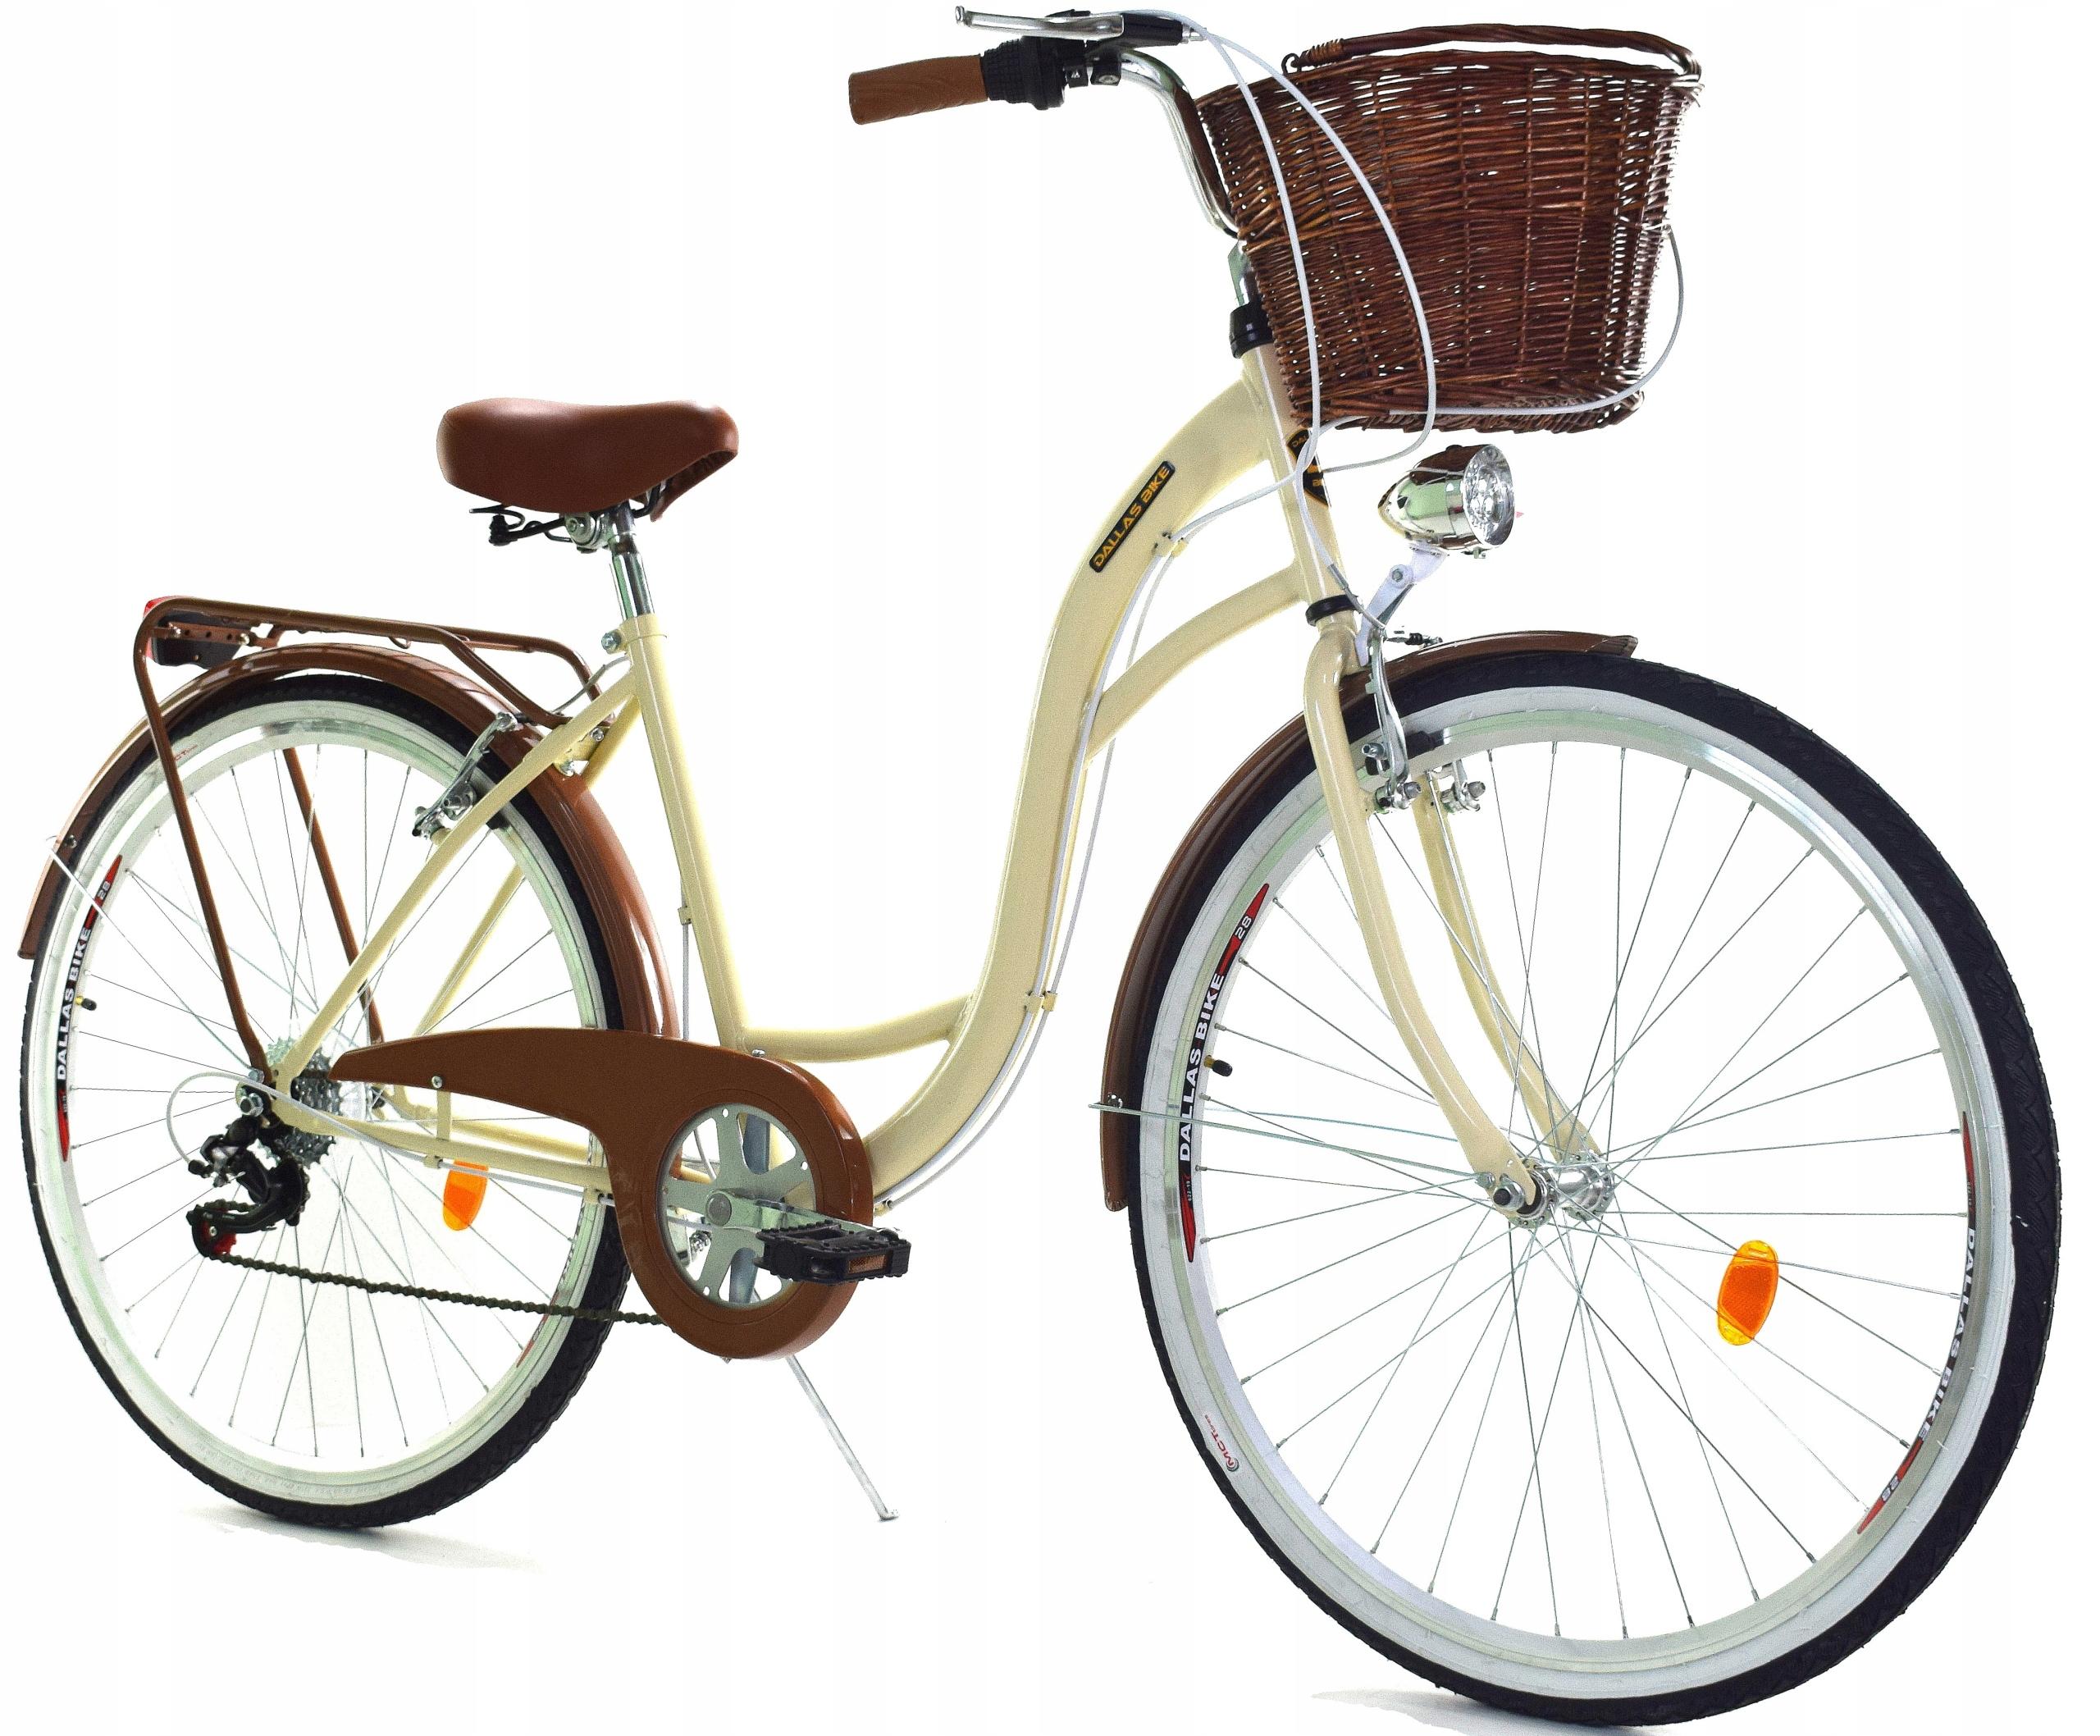 Miejski Rower Damski Dallas 26 28 6 Biegow Kremowy 6985608253 Allegro Pl